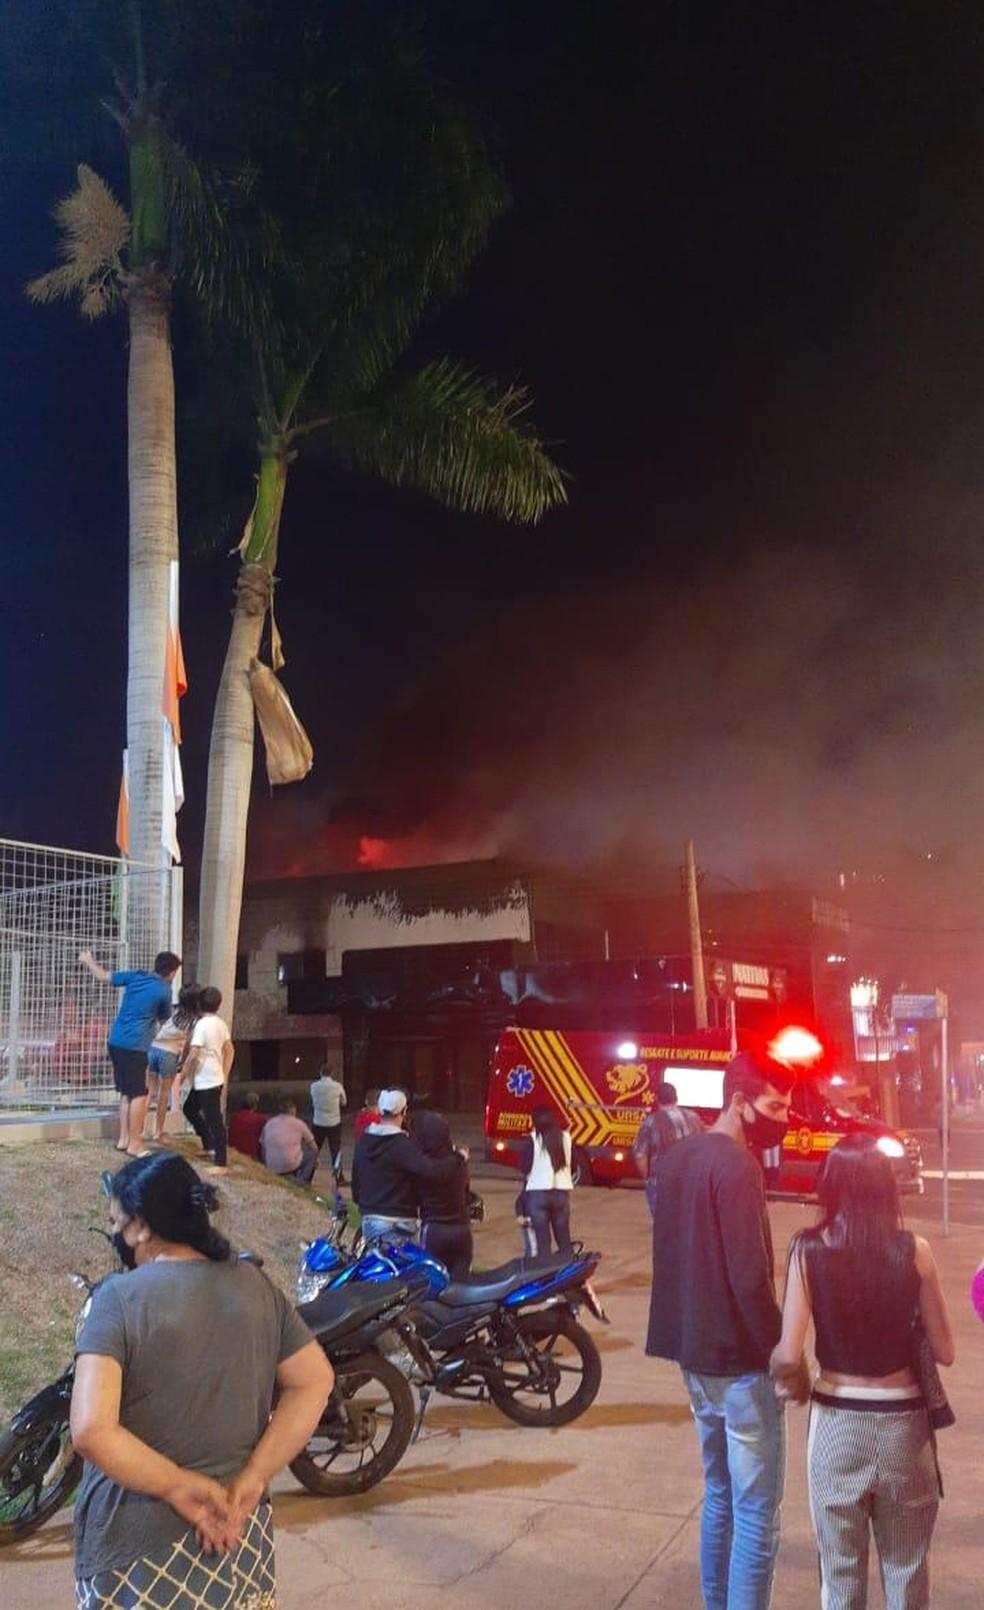 Pessoas acionaram Corpo de Bombeiros ao avistar fumaça em avenida   Foto: Redes Sociais/Reprodução